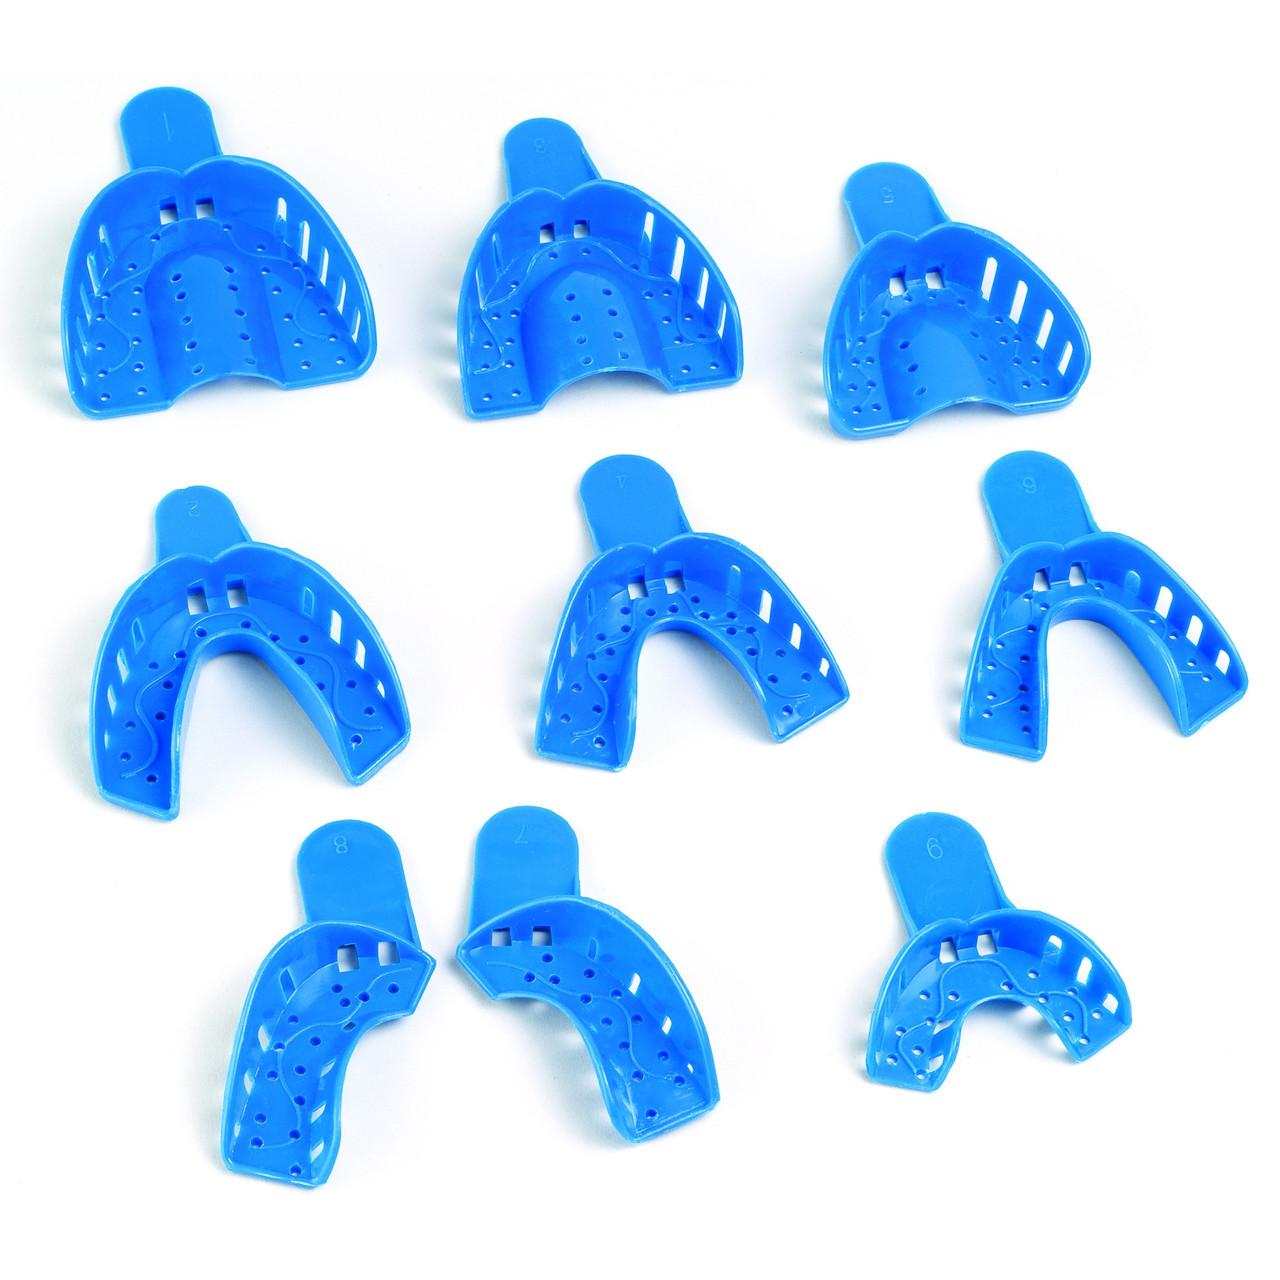 Ложки стоматологические Оттискная ложка. Ложка прикусная 12шт